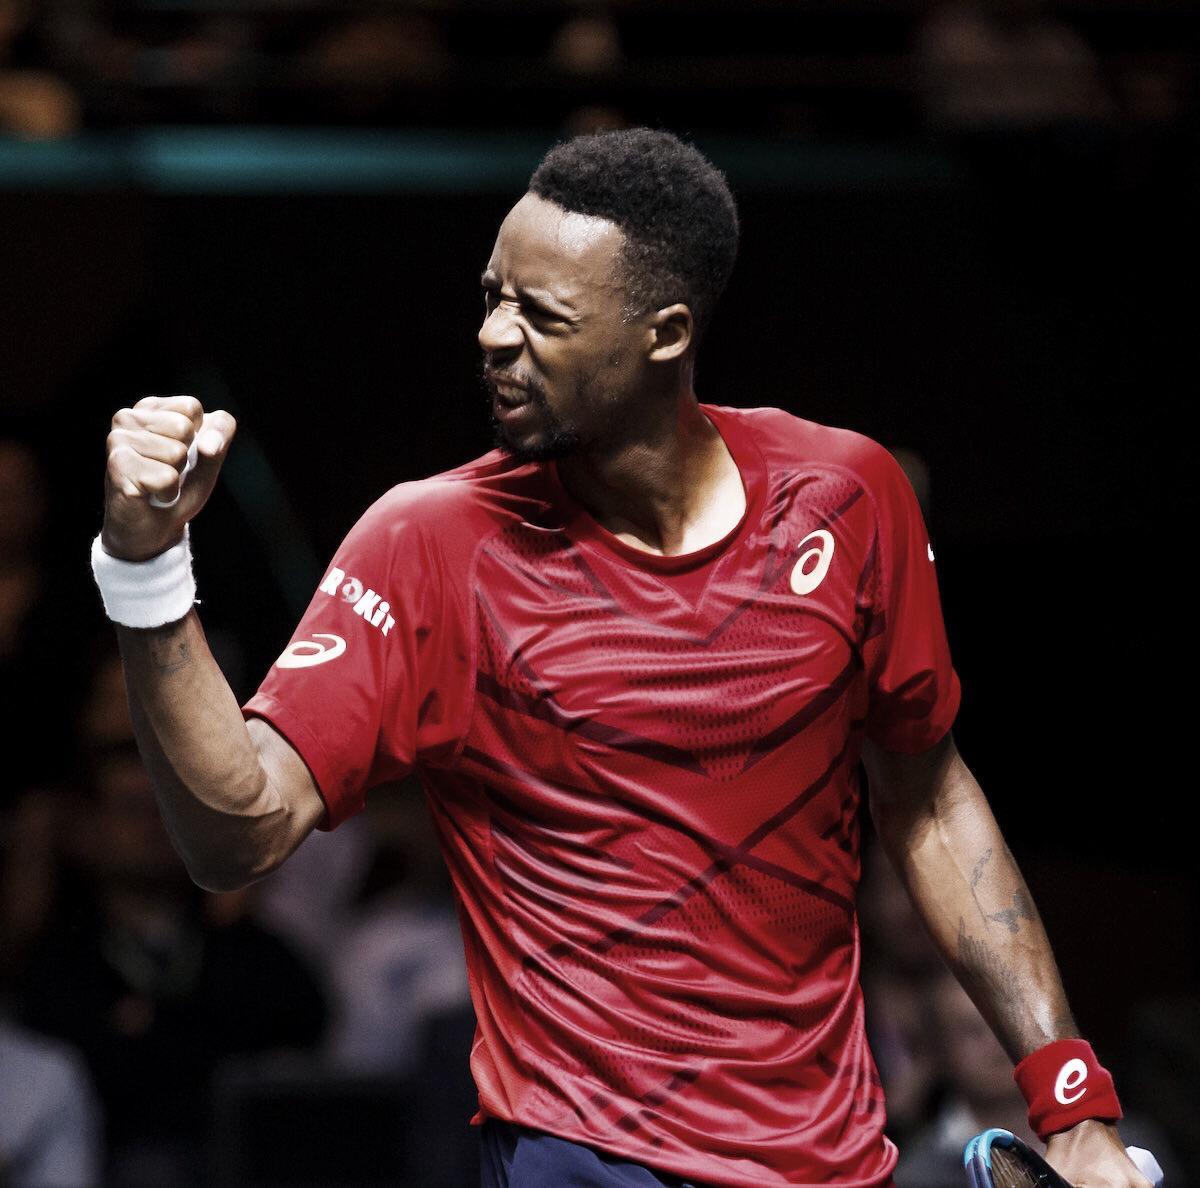 Monfils atropela Simon e se garante nas quartas de final do ATP 500 de Roterdã